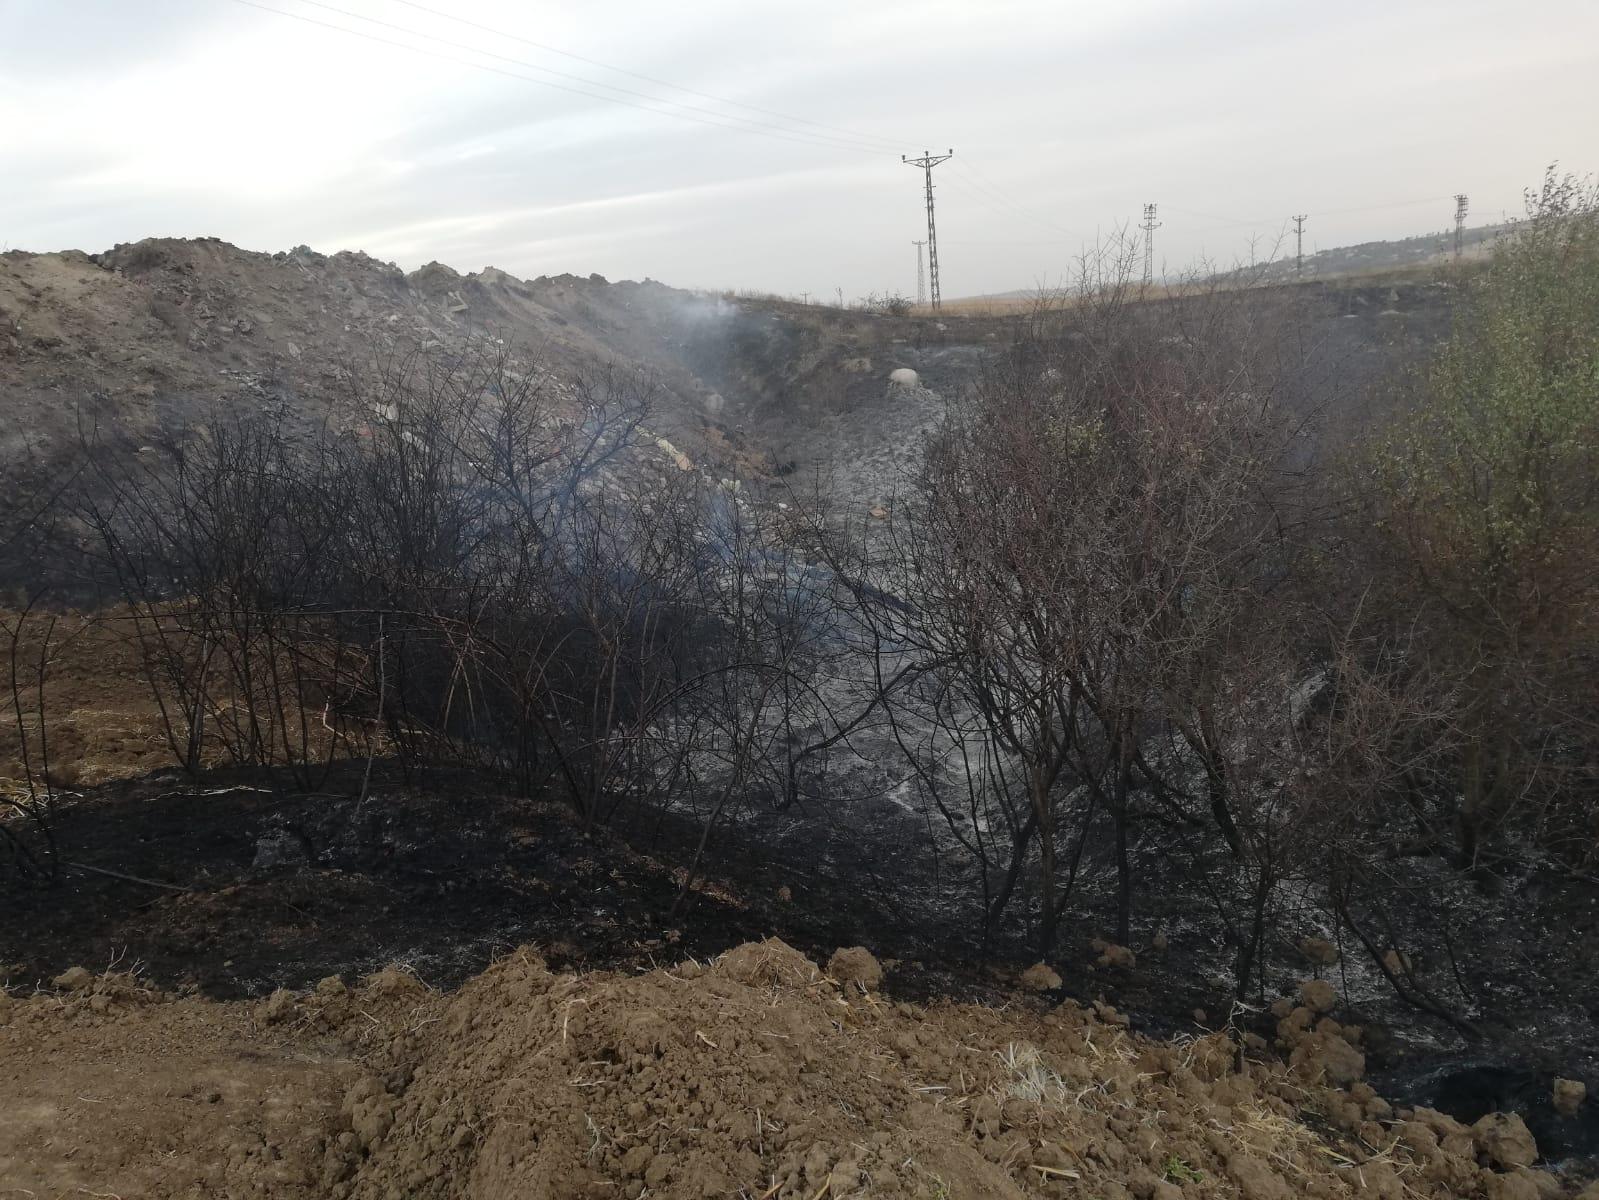 Malkara'da anız yangını çıktı, 2 bin dönüm arazi zarar gördü